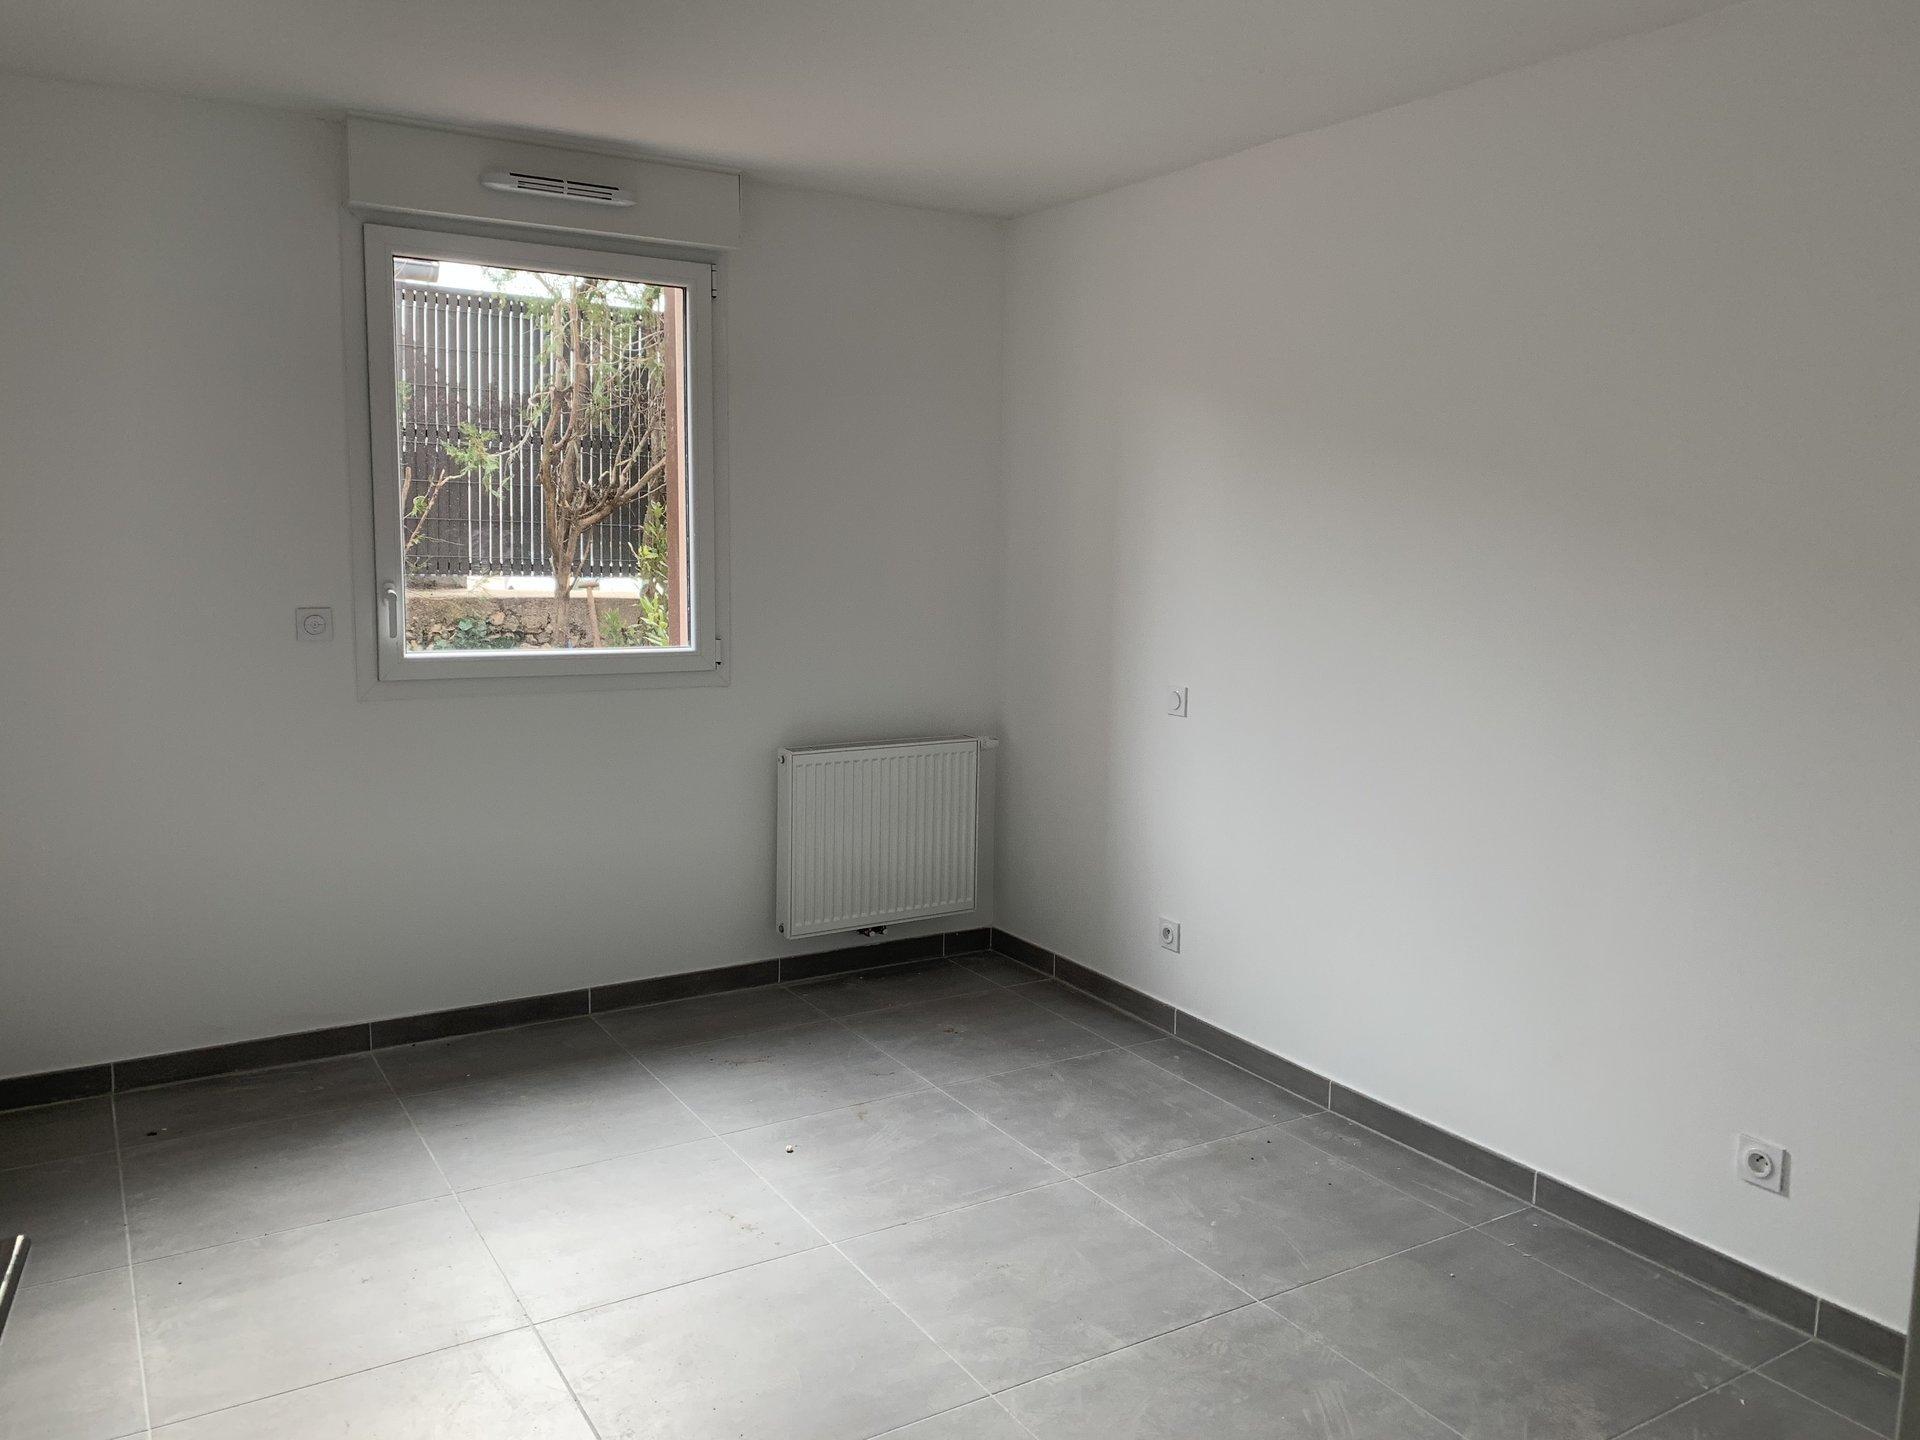 MONTPELLIER T3 avec parking dans petite résidence au calme